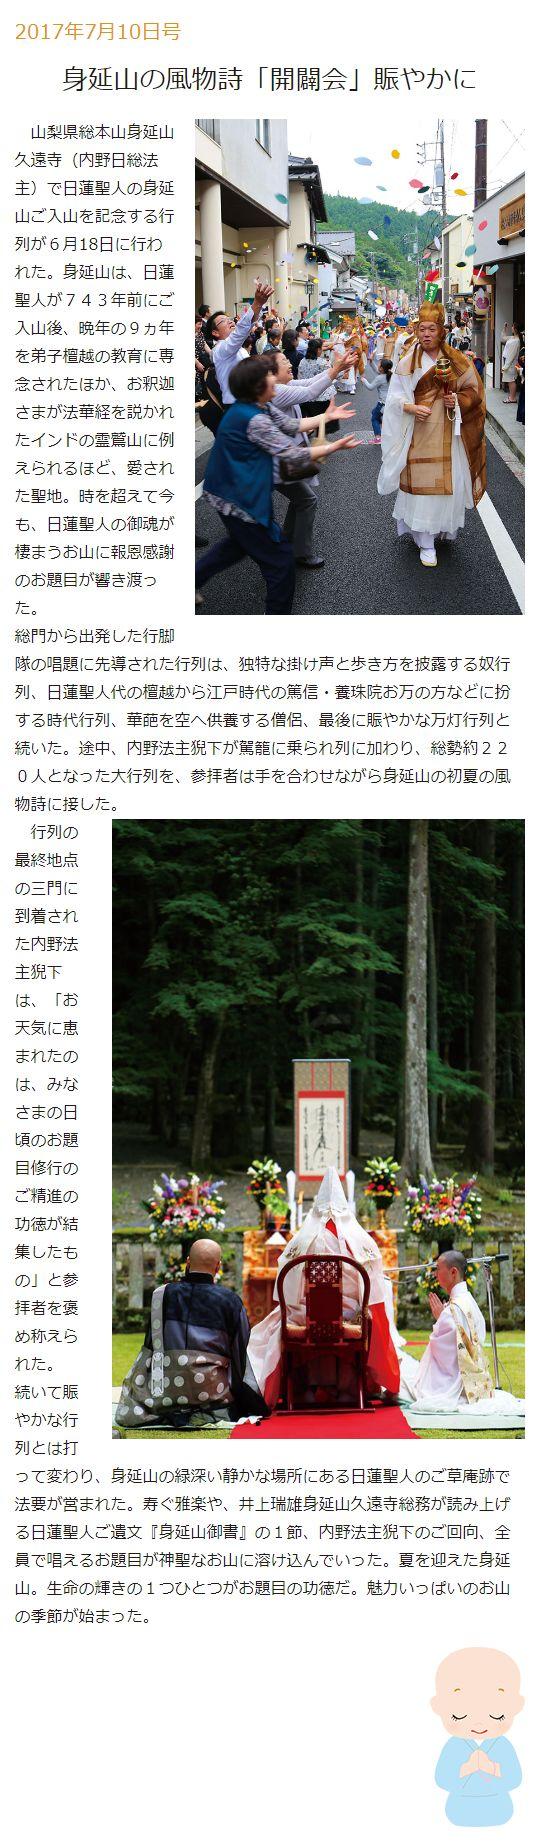 #515 - 日蓮宗新聞社 _ 2017 _ 7月